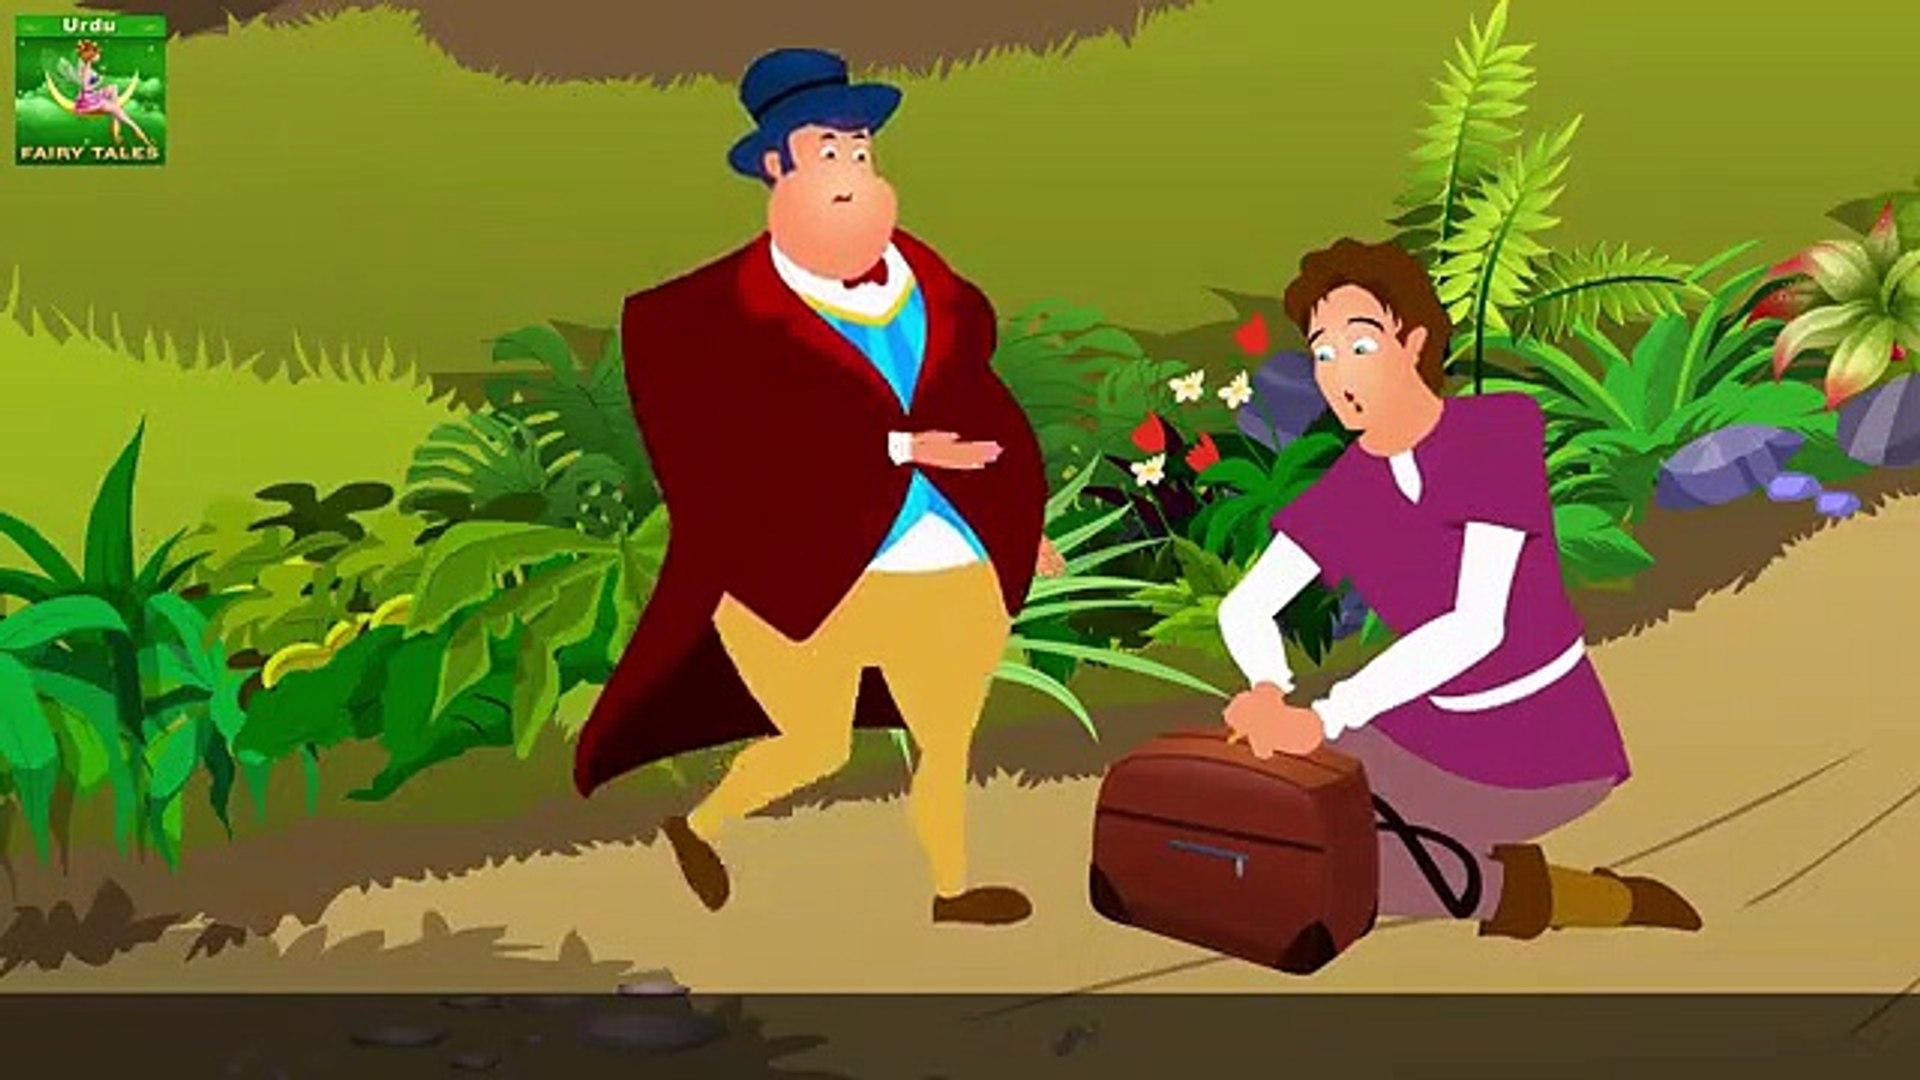 سفر کے ساتھی - Travelling Companion in Urdu - Urdu Story - Urdu Fairy Tales